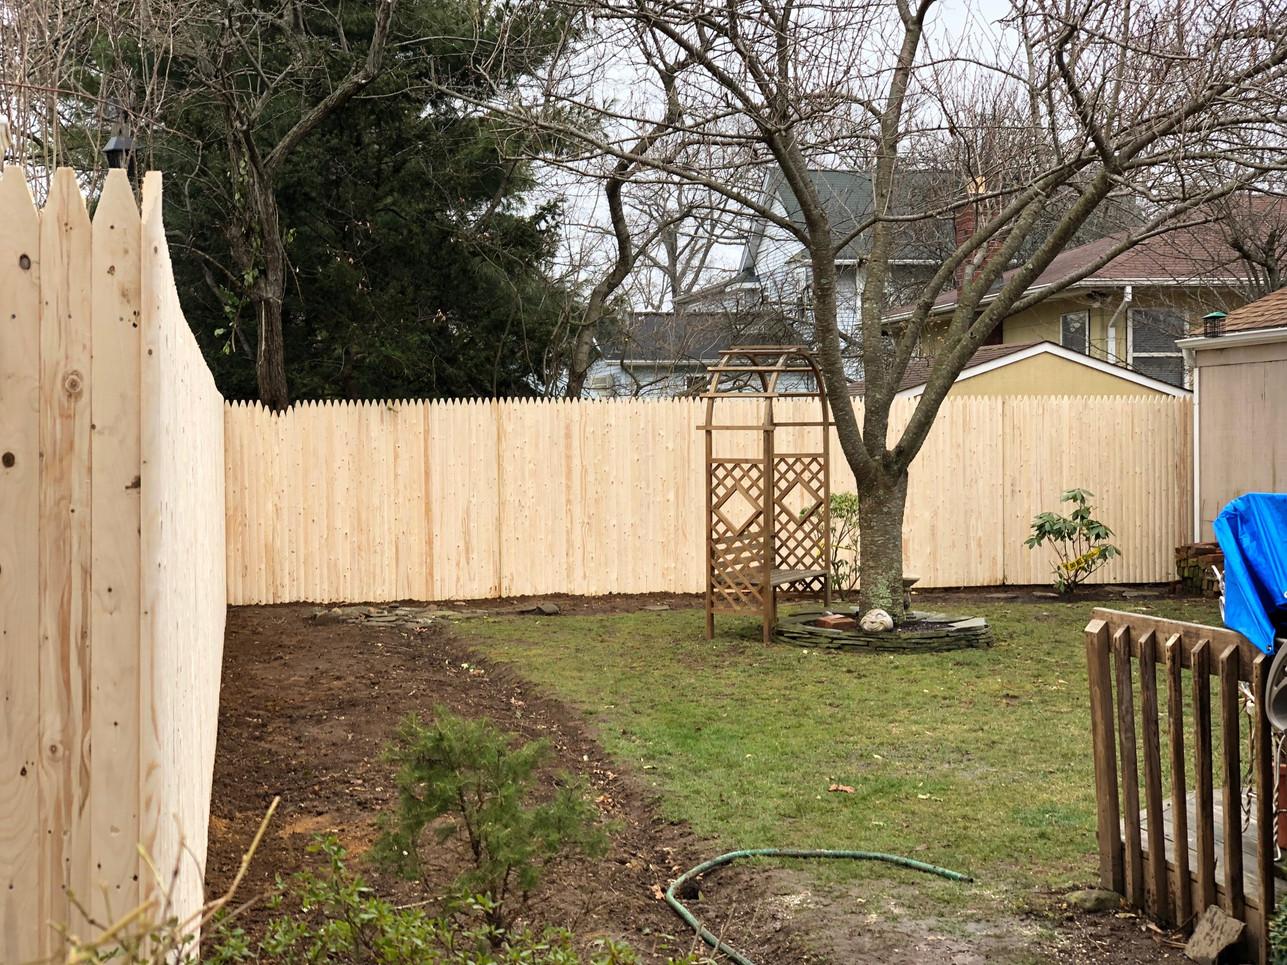 Wood Fence Merrick Ny